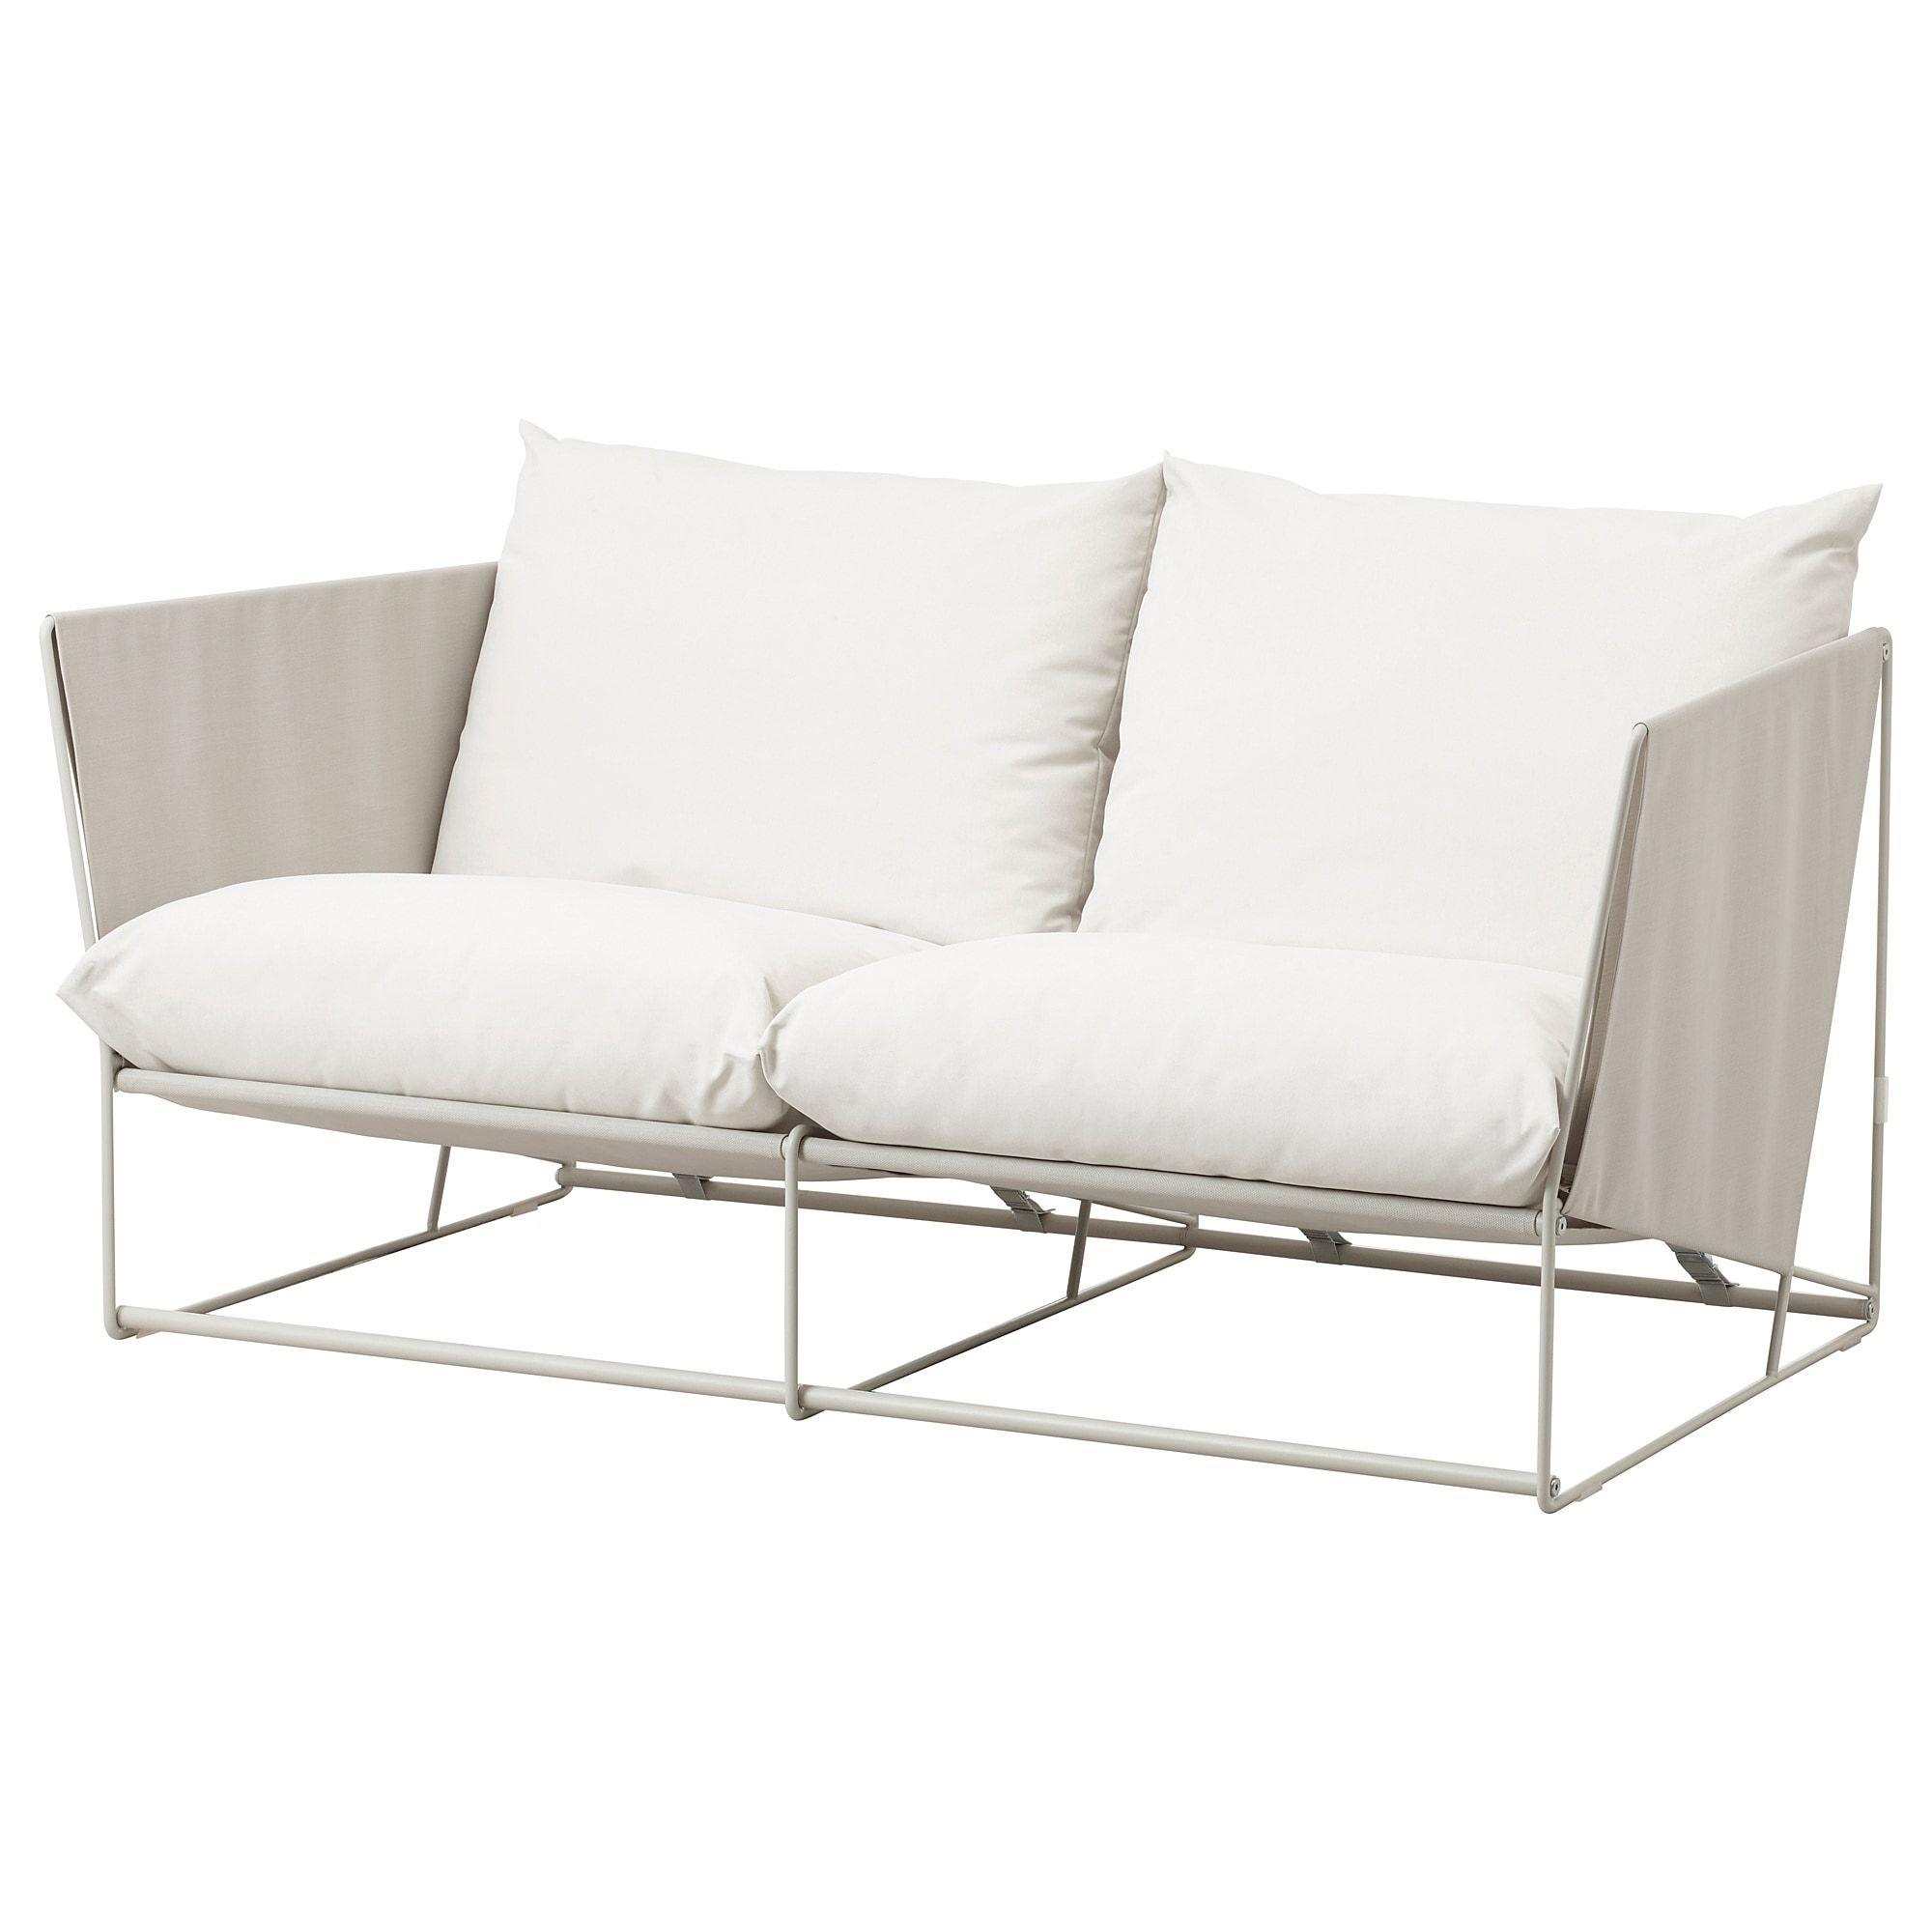 Havsten Loveseat In Outdoor Beige 70 1 2x37x35 3 8 Affordable Sofa Outdoor Seat Pads Ikea